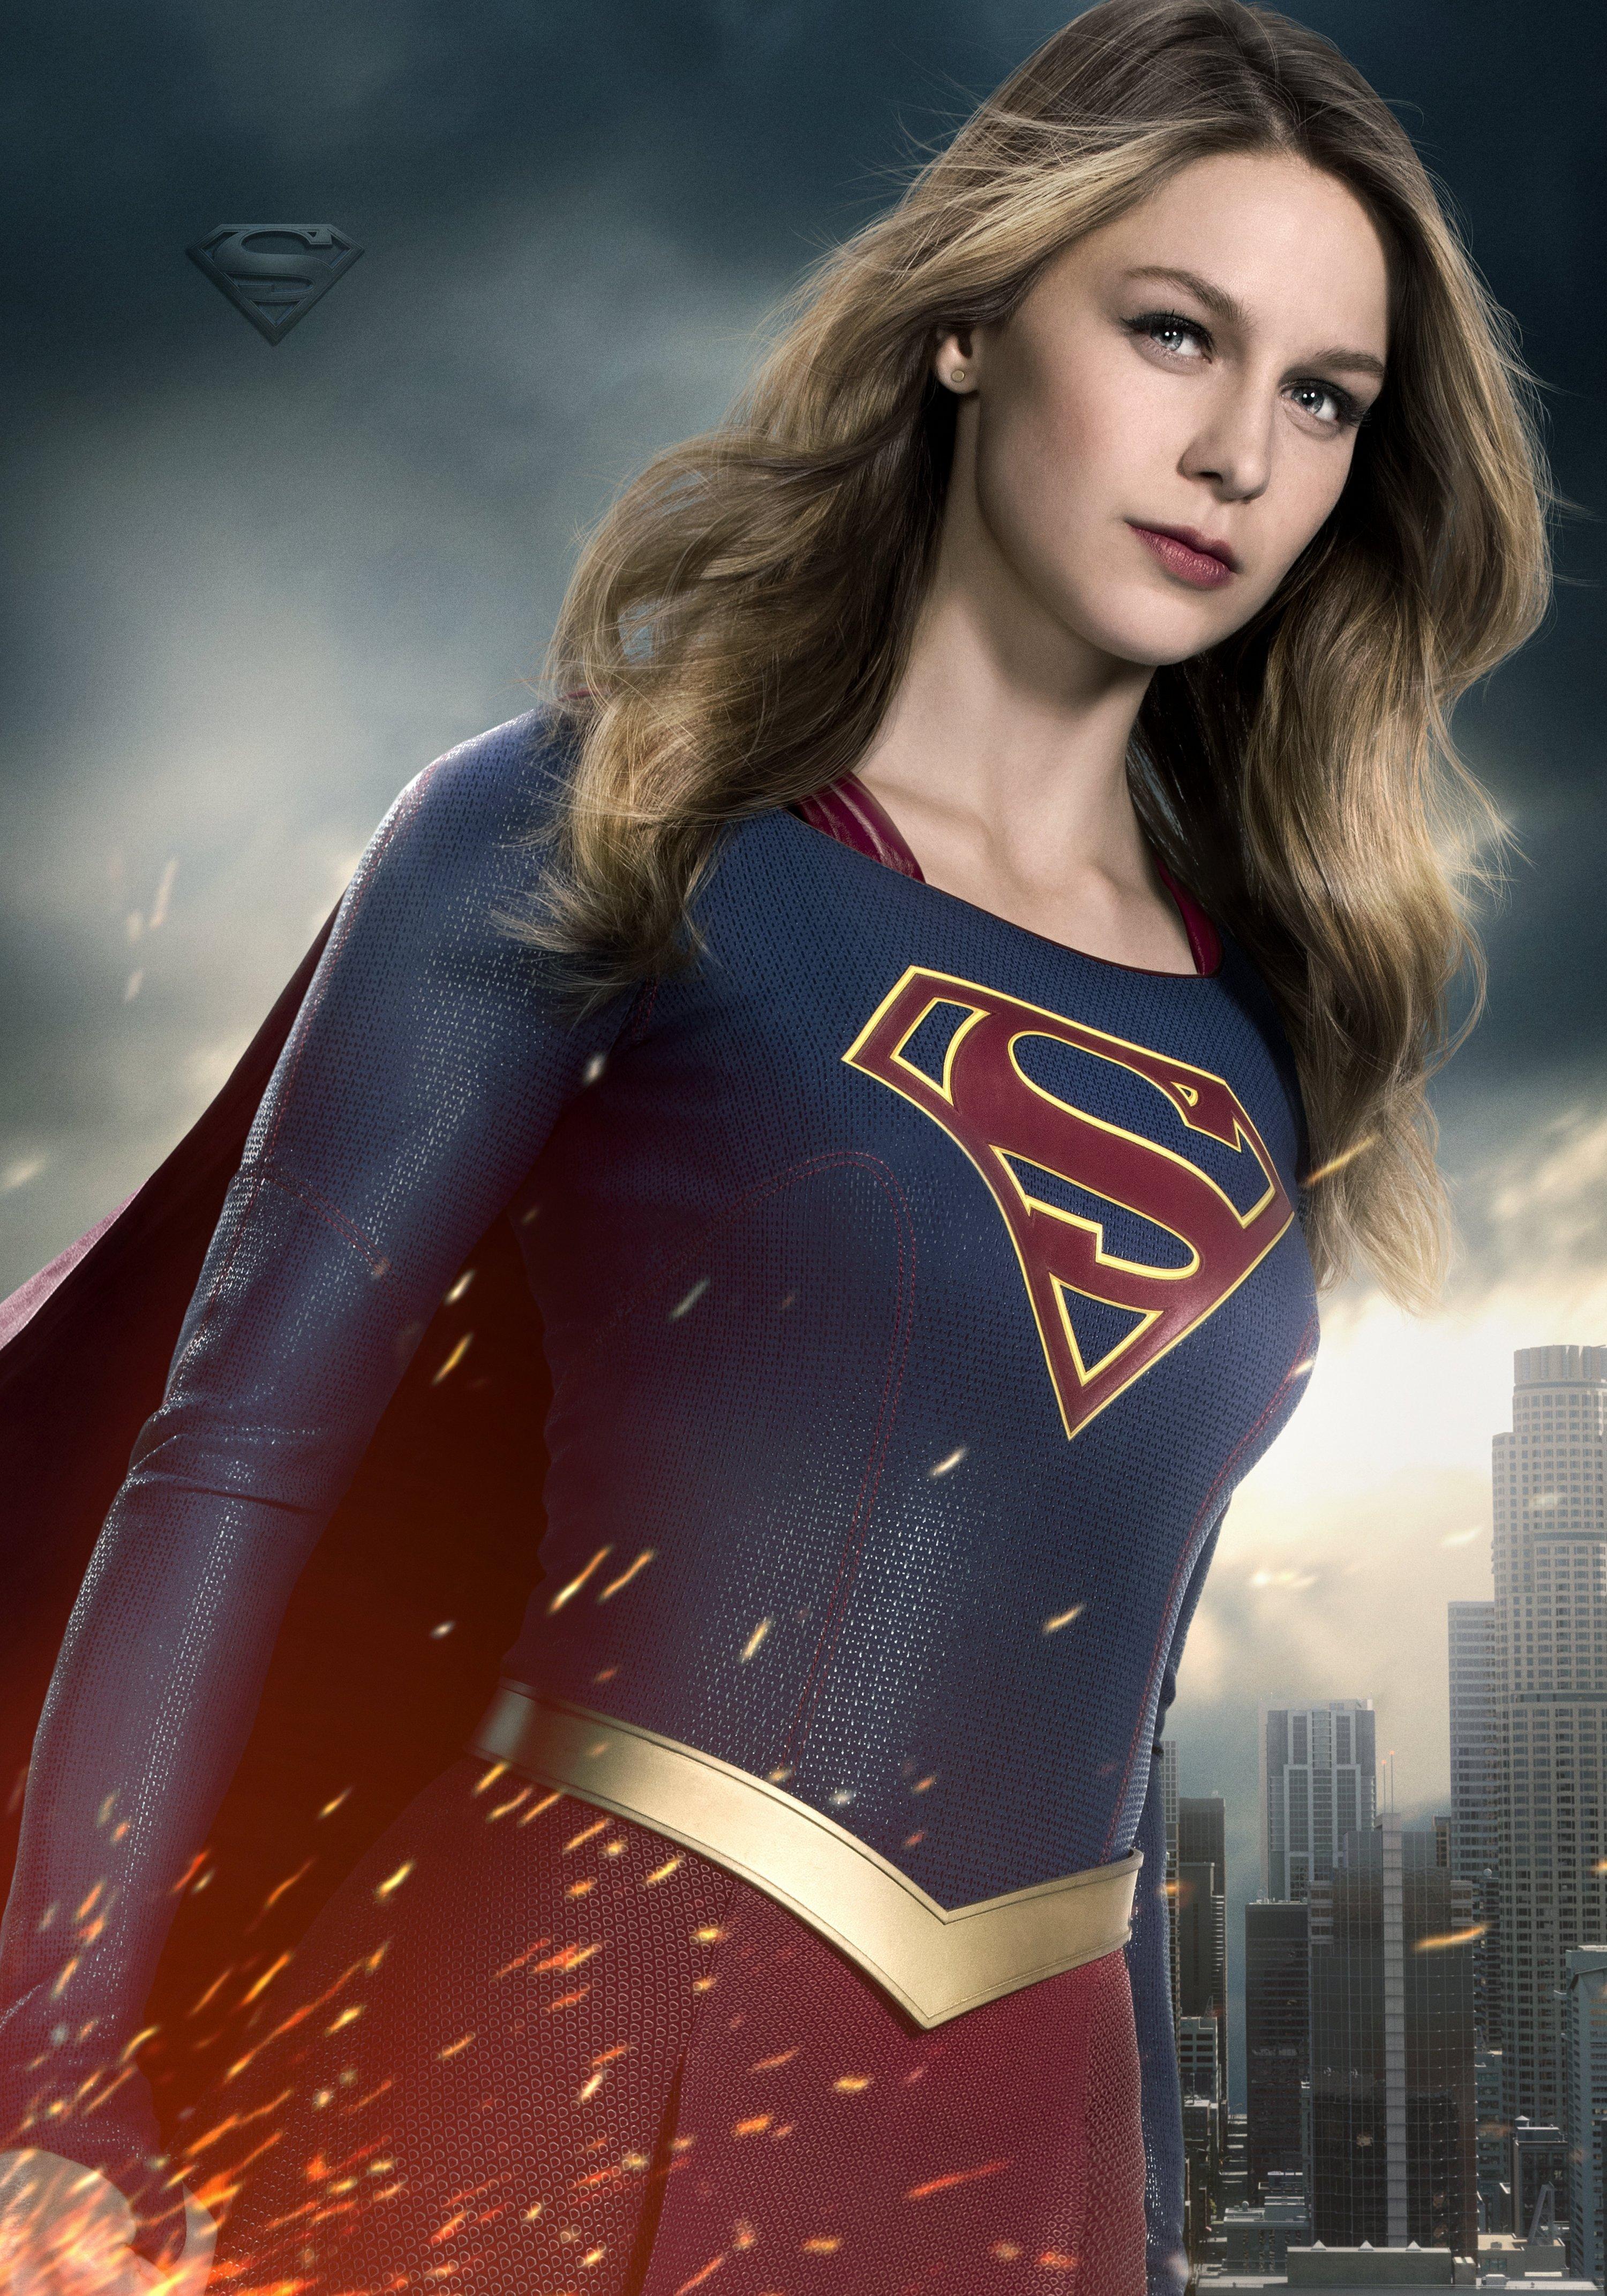 Kara Danvers (Arrowverse)